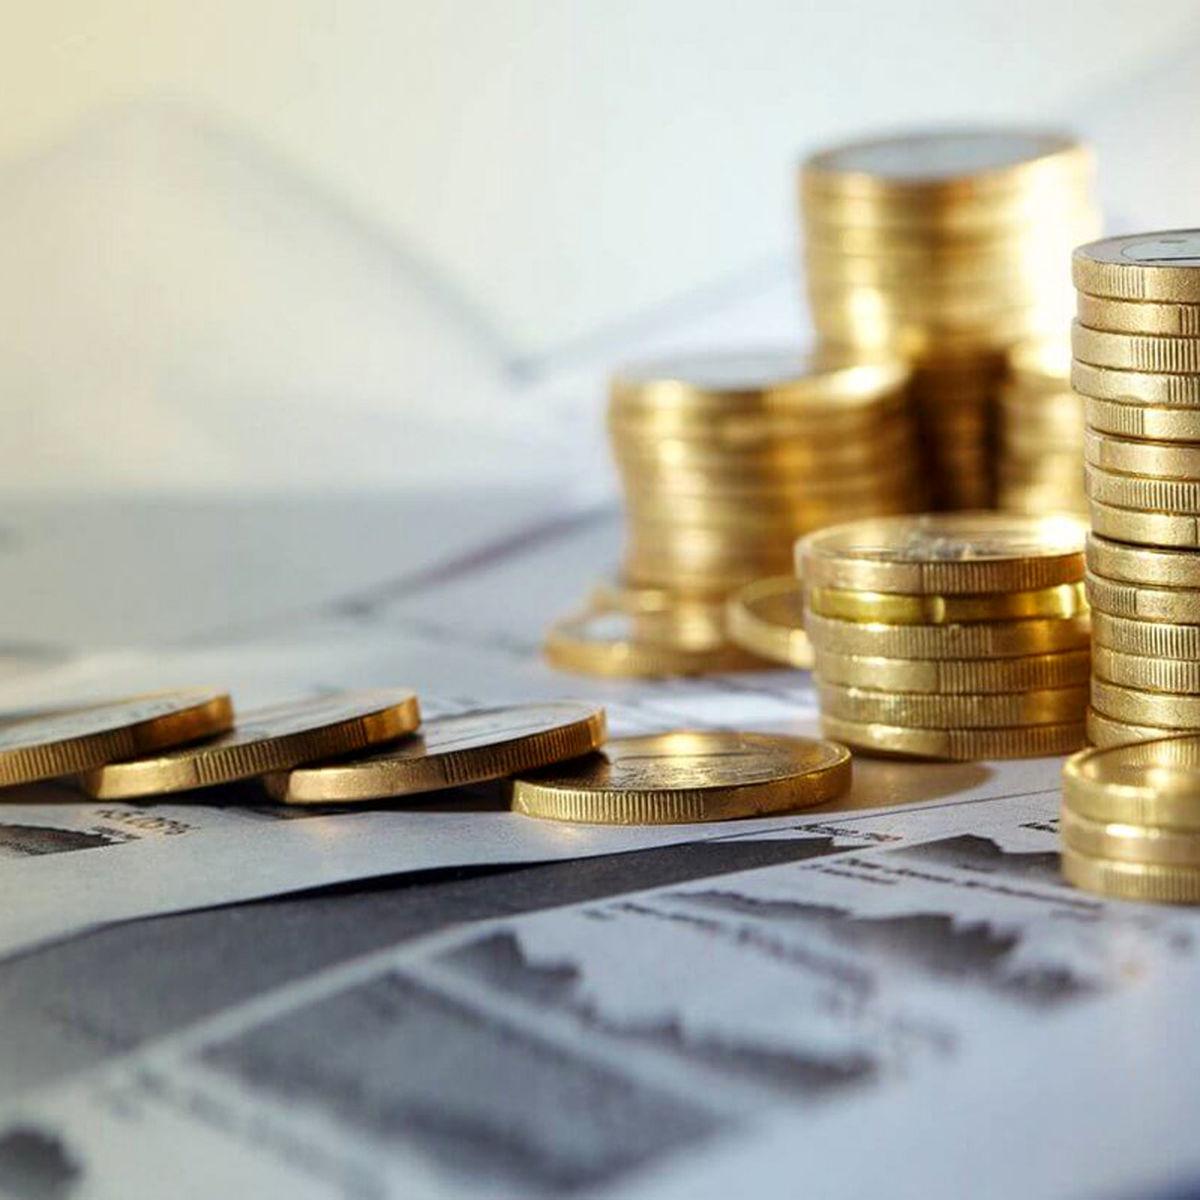 شیوهنامه اعطای کارت رفاهی و تامین مالی زنجیره تولید